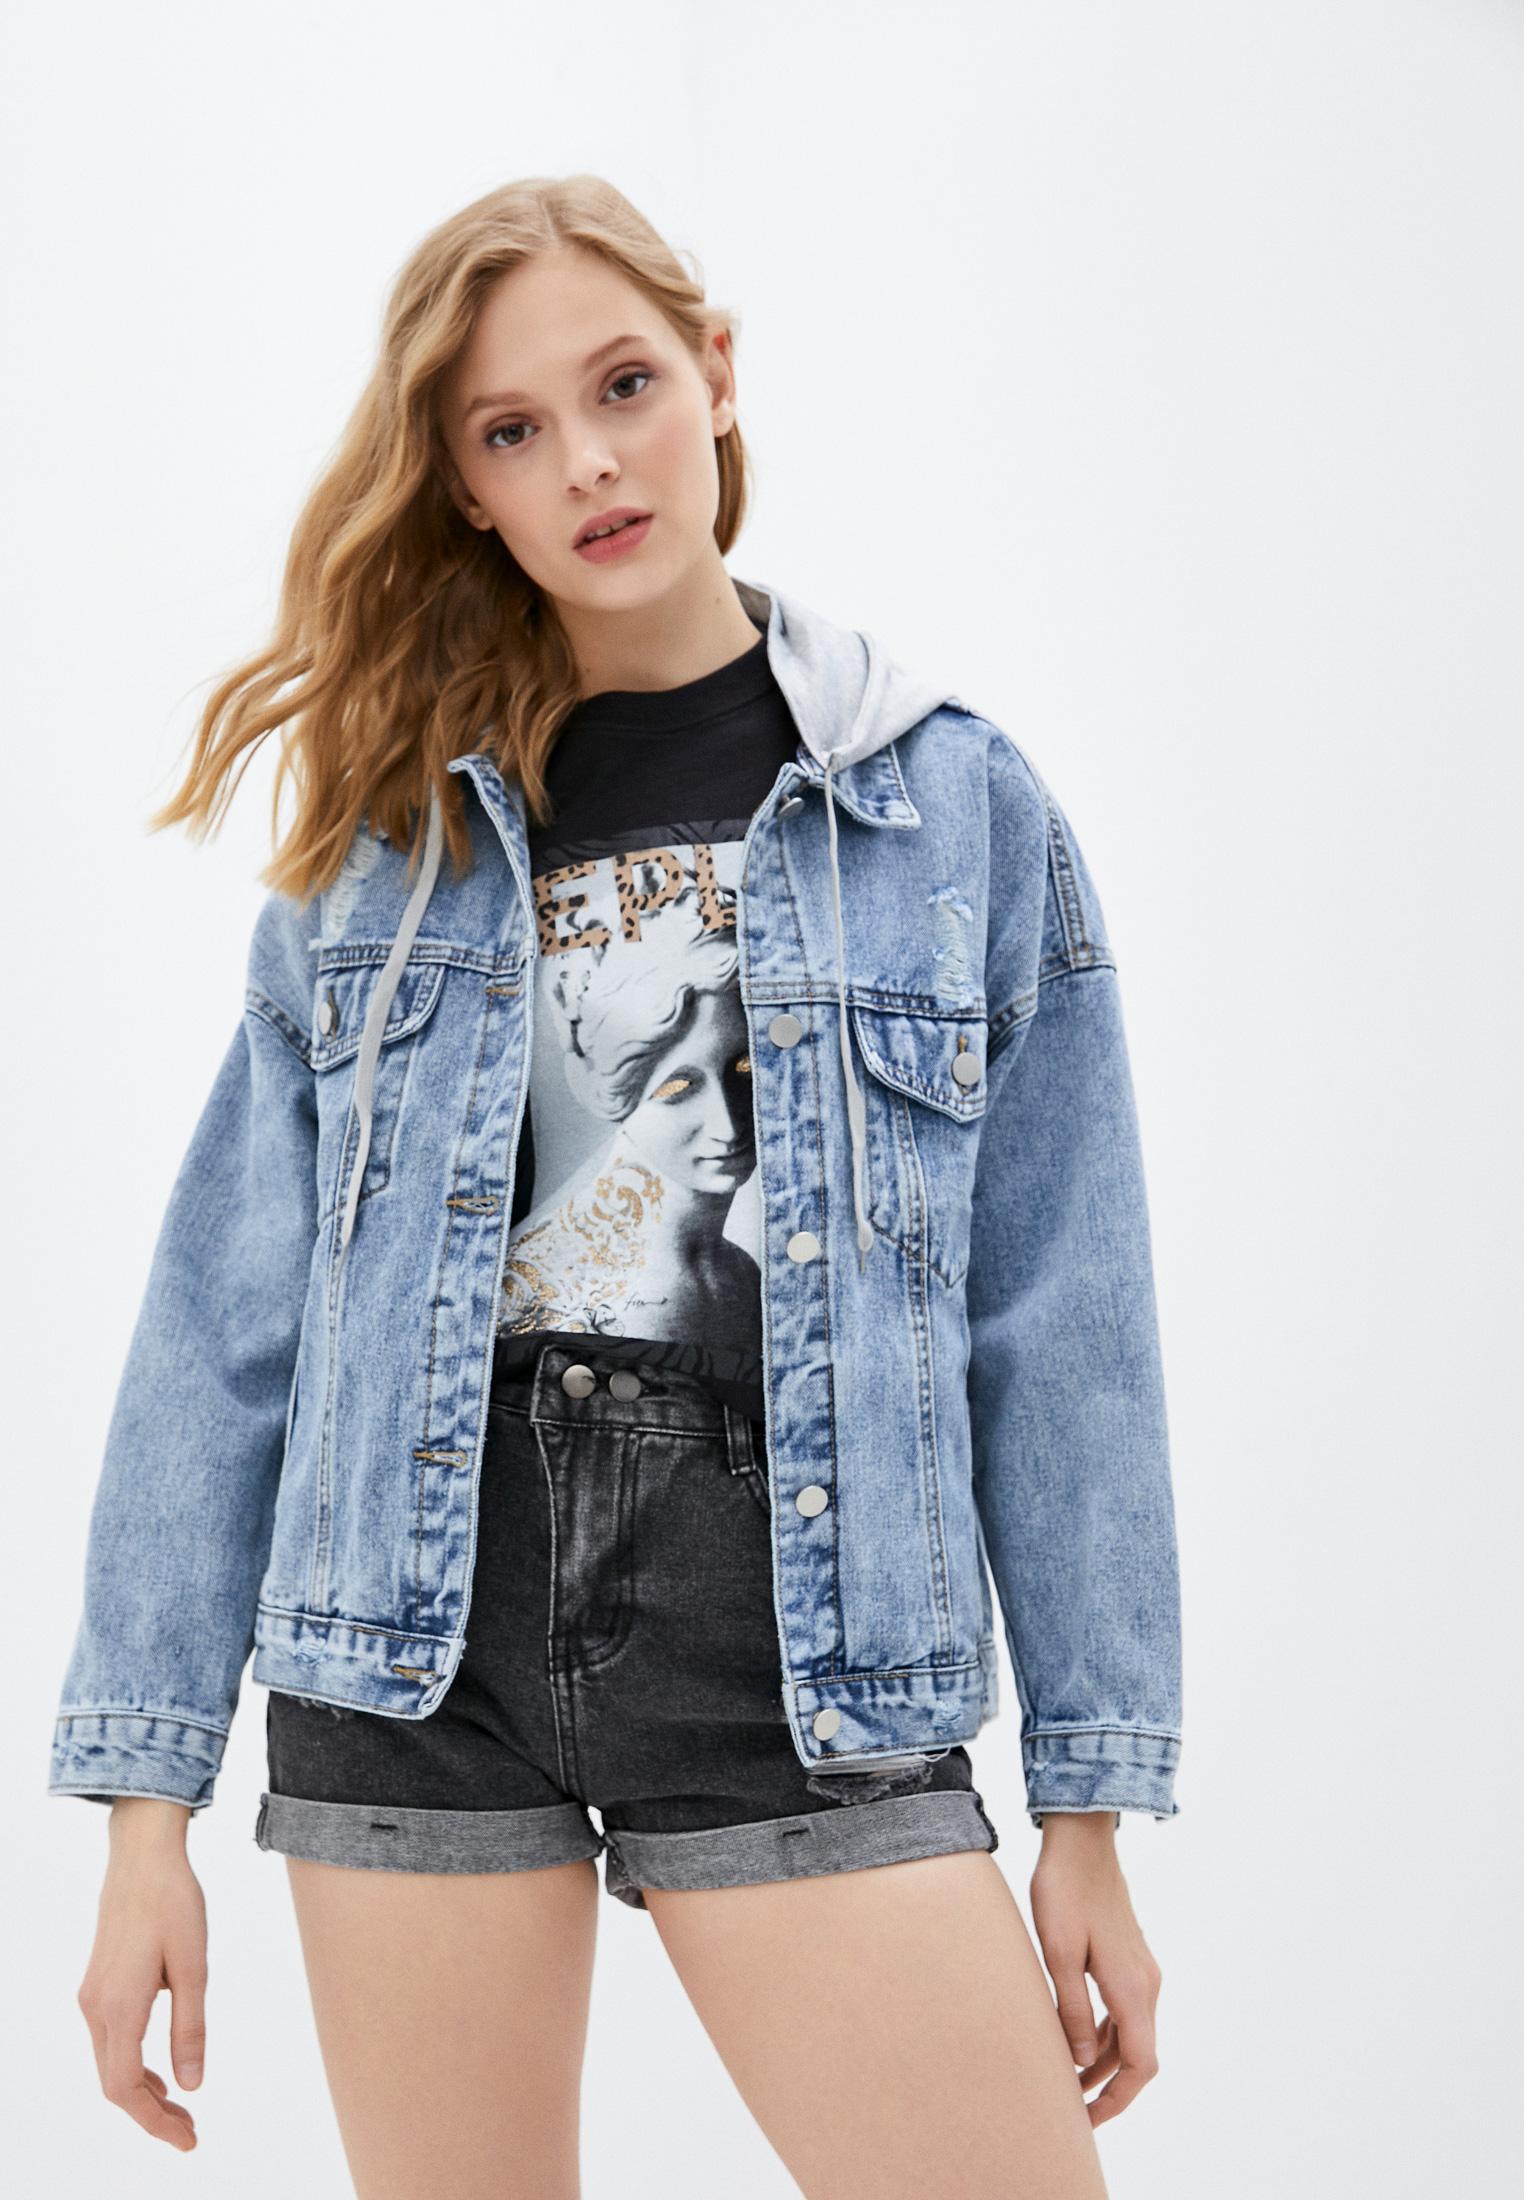 Джинсовая куртка Bad Queen Куртка джинсовая Bad Queen